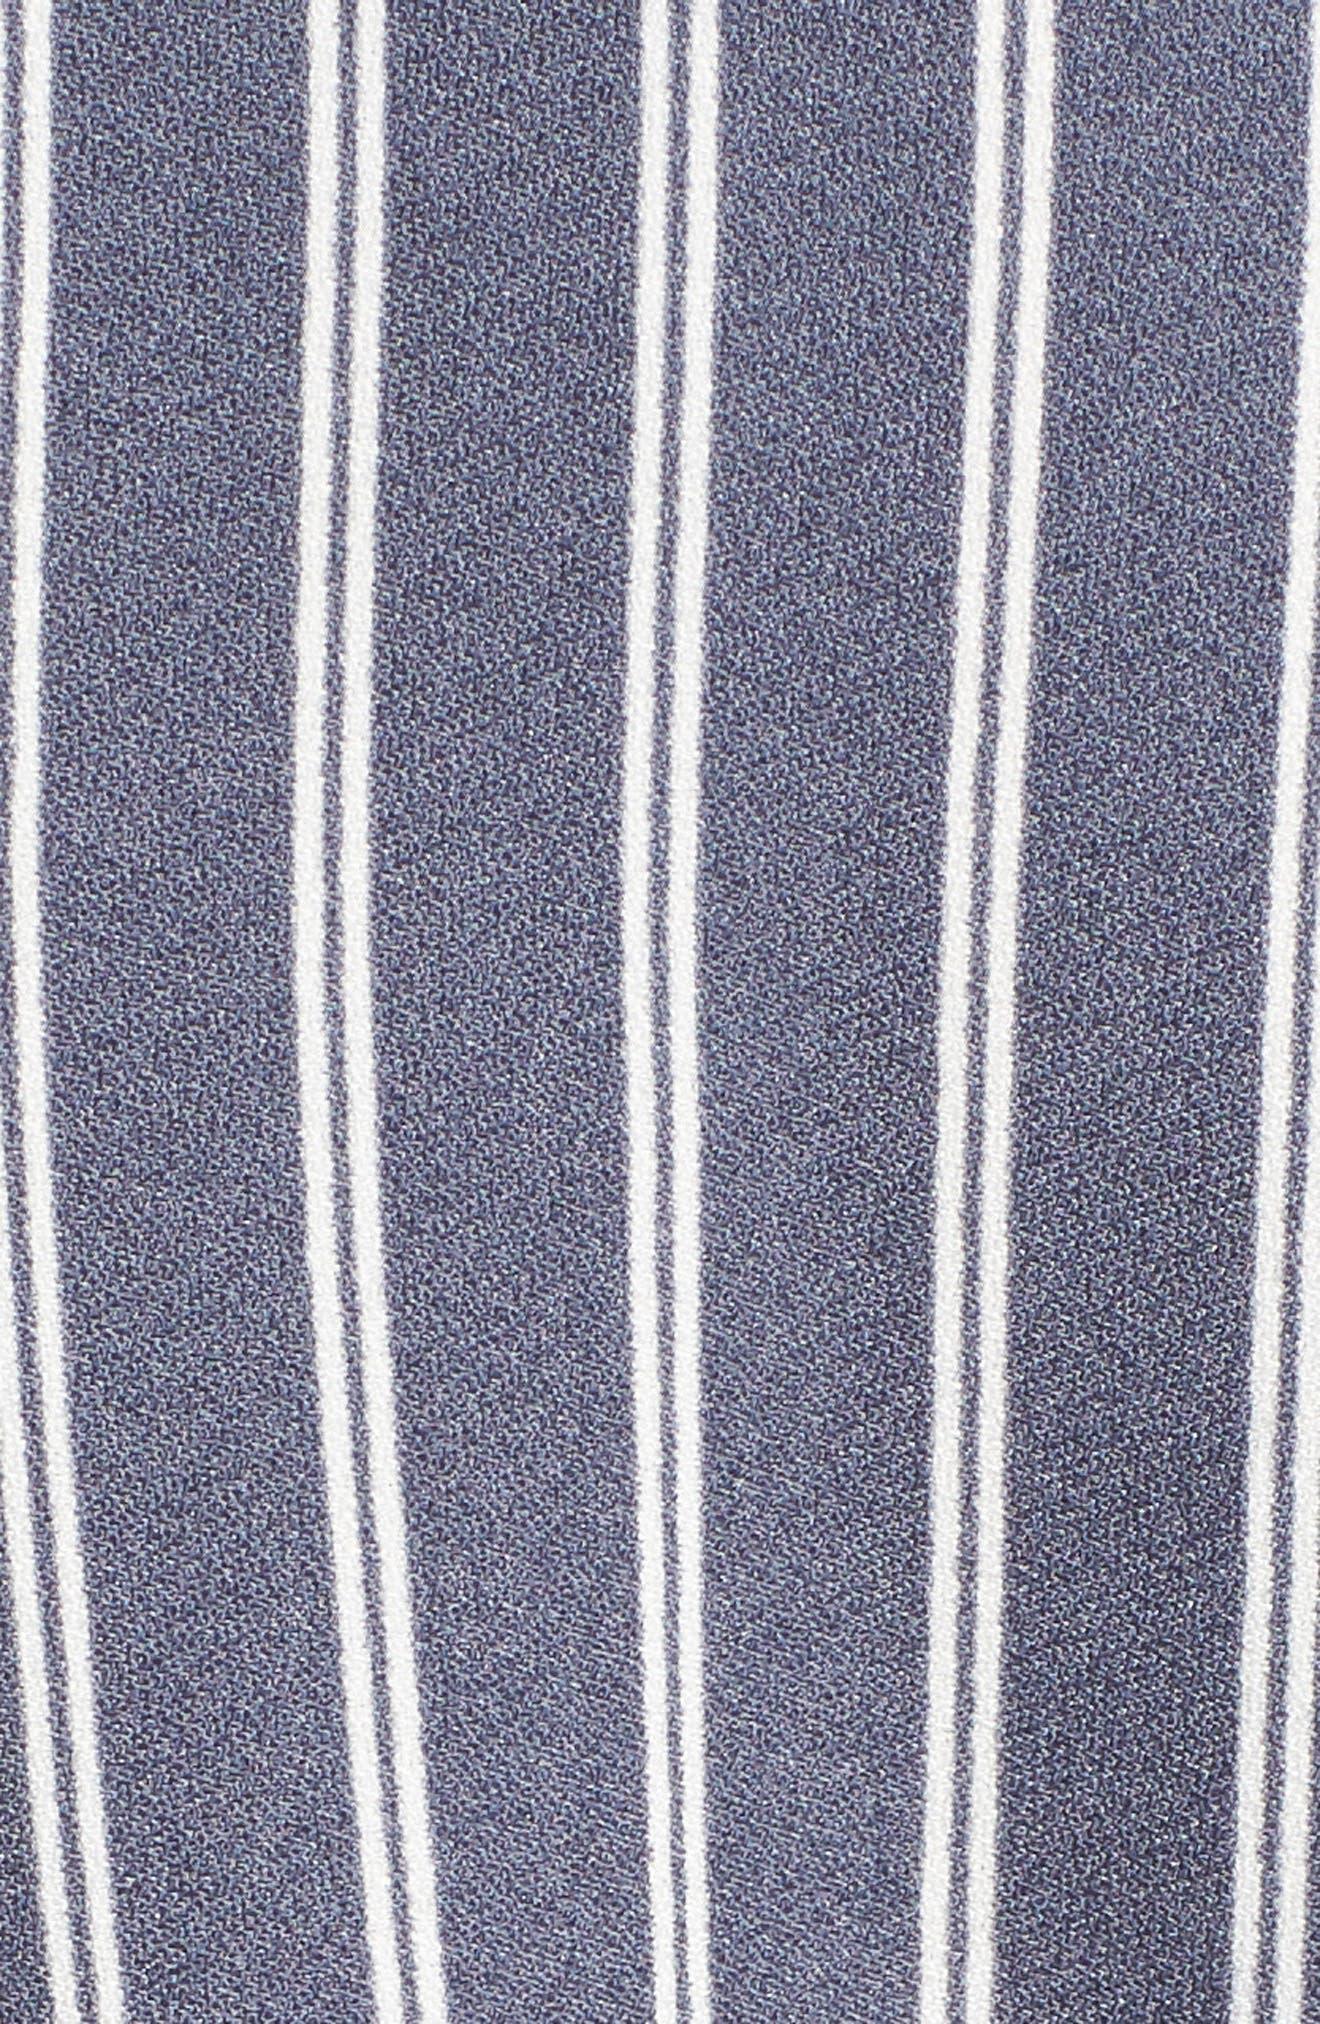 Stripe Convertible Halter Jumpsuit,                             Alternate thumbnail 5, color,